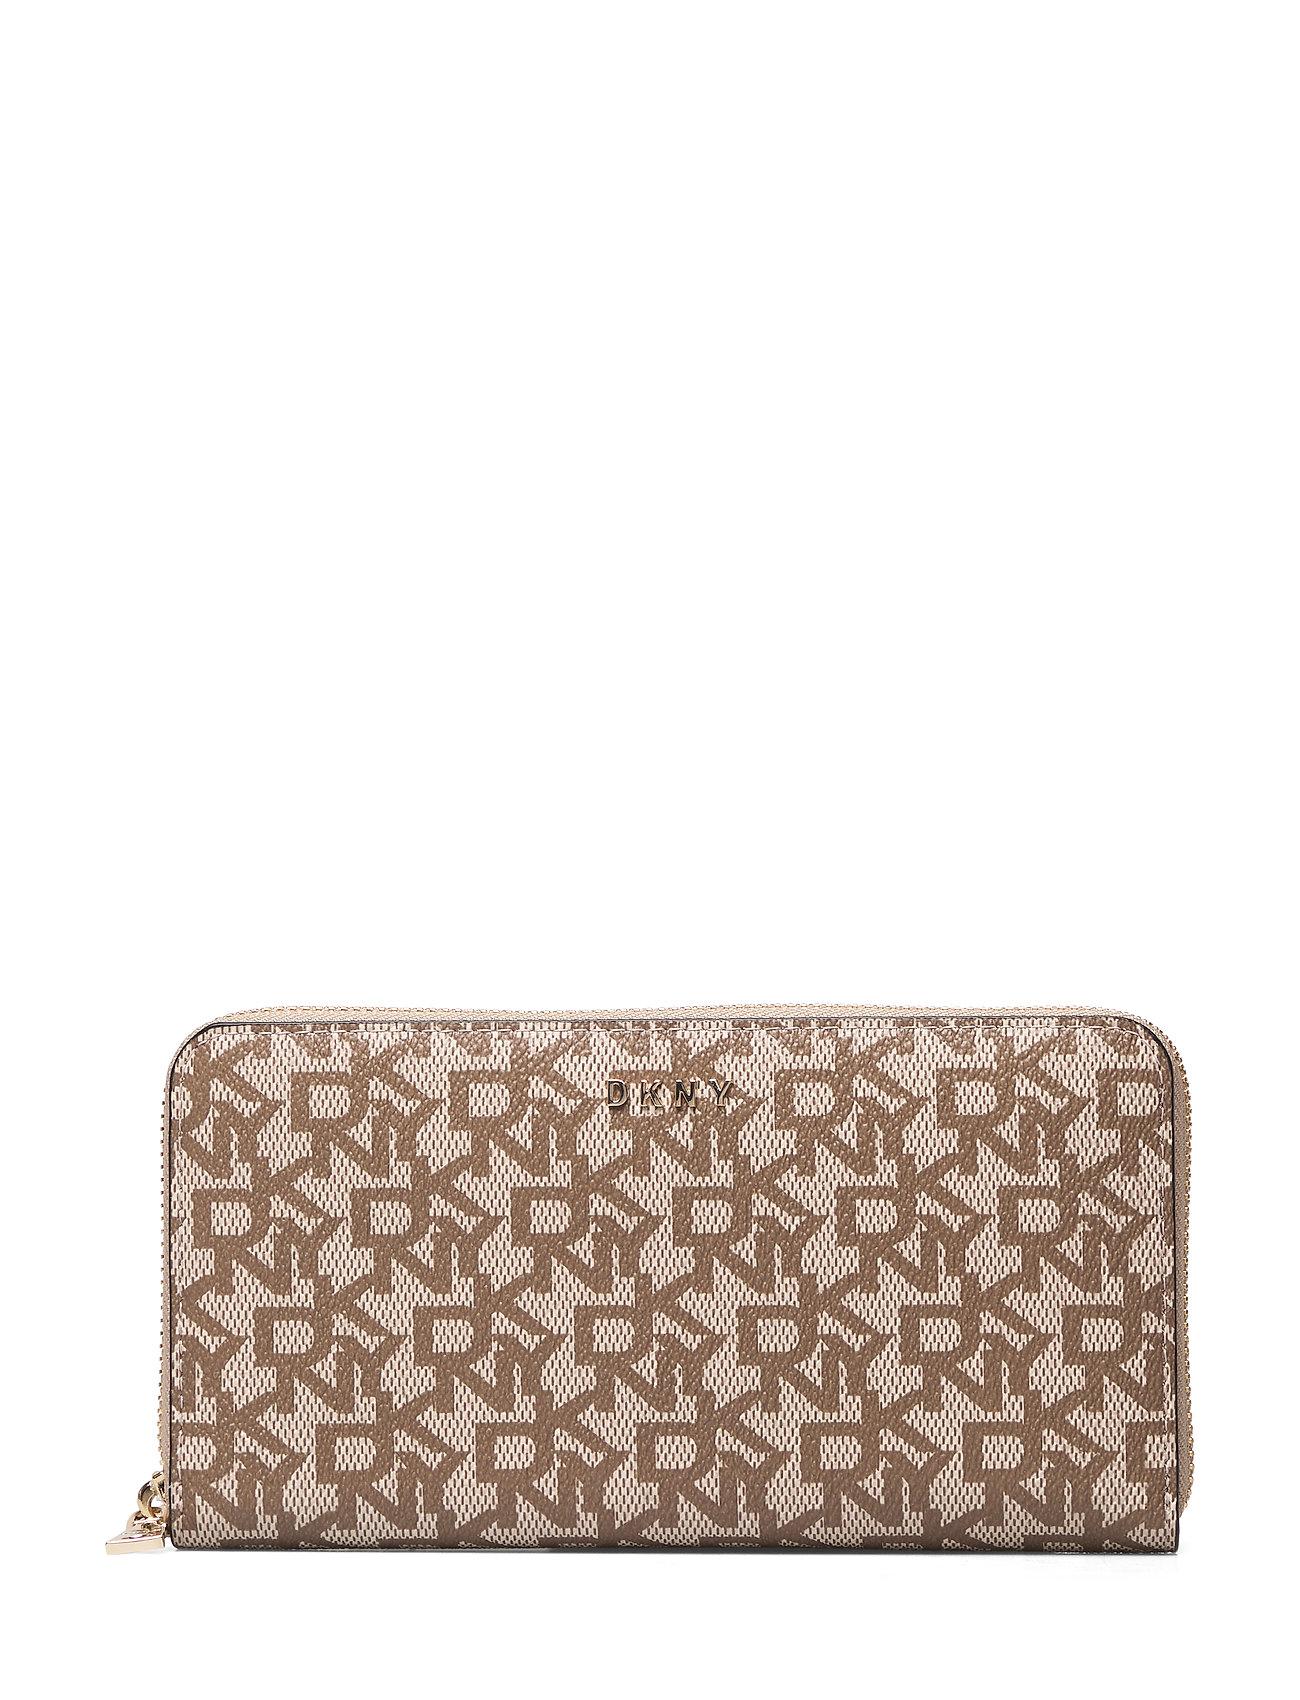 DKNY Bags SLG BRYANT - CHINO/CRML